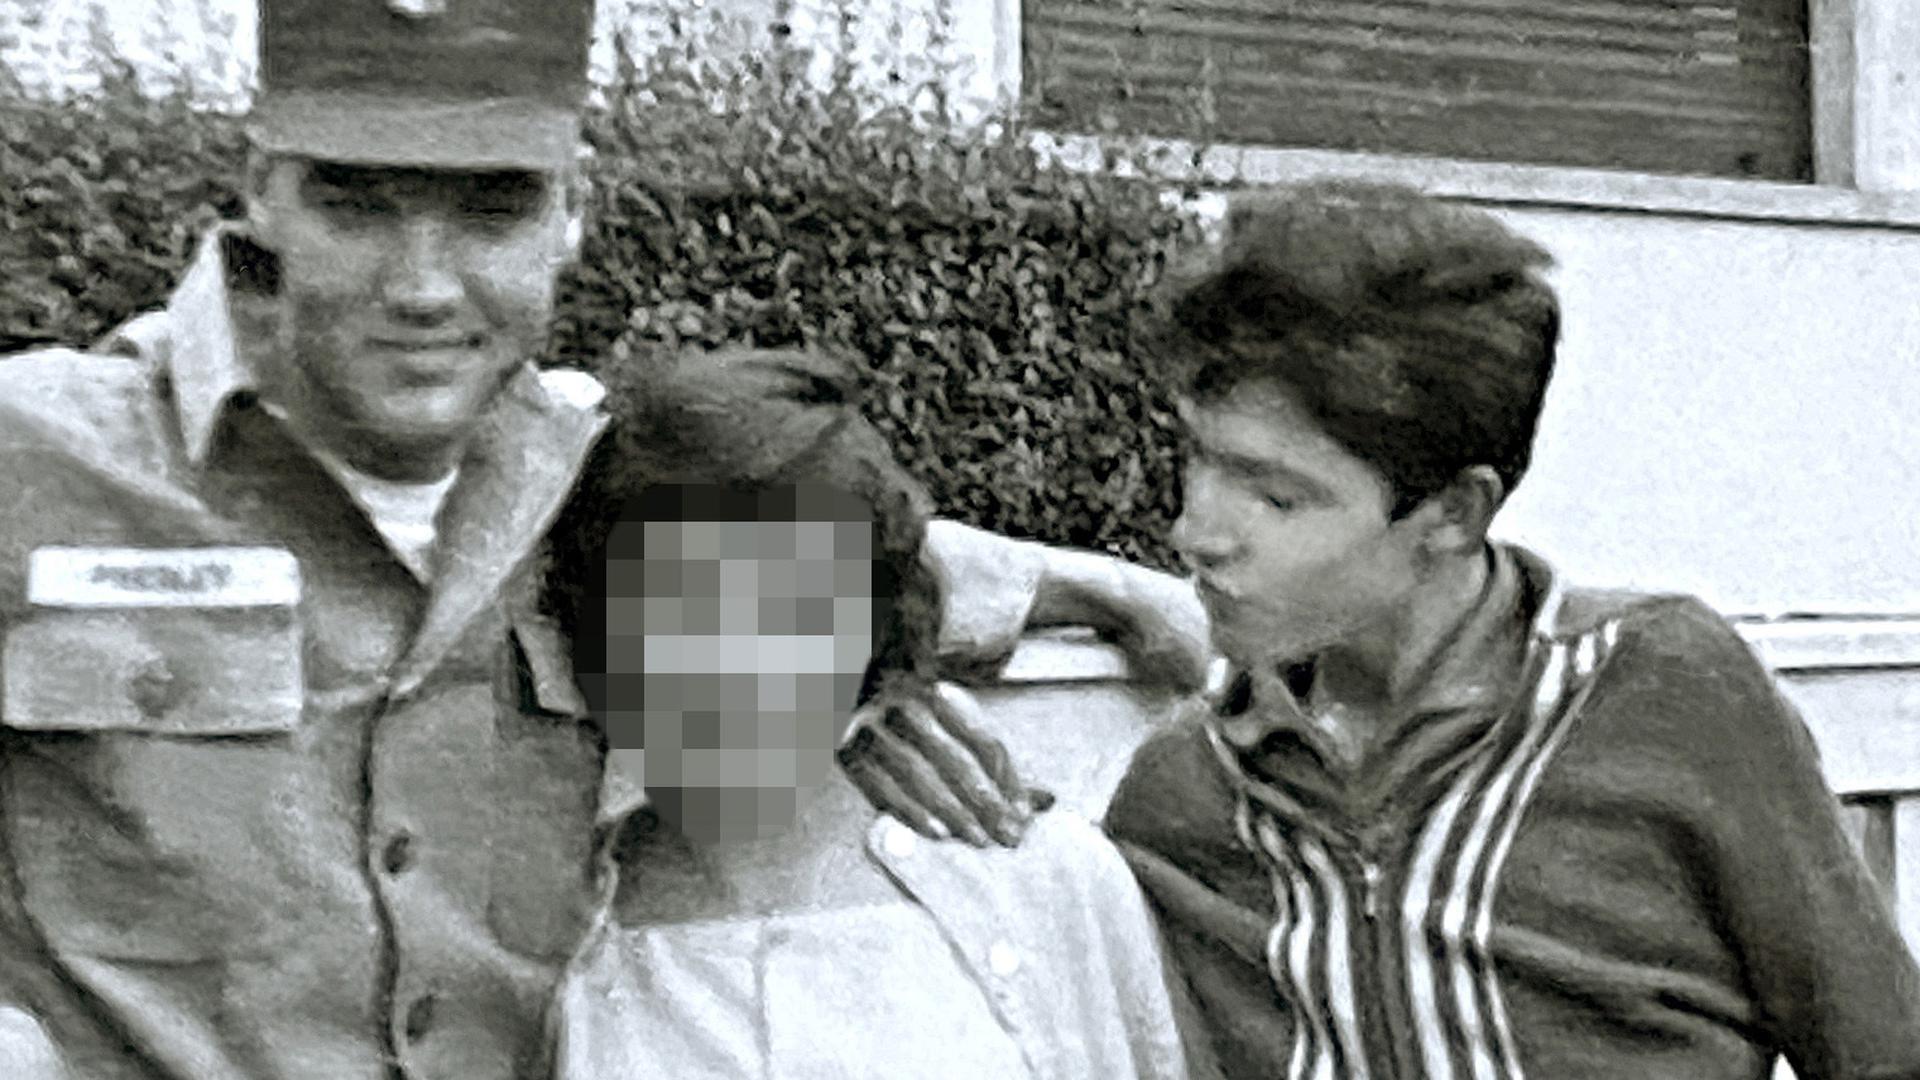 """12.08.2021 Ernst Schwarz. Am 16. August 1977 starb Elvis Presley. Wir reden mit """"Blacky"""" Mr. Black aus Graben-Neudorf der 1959 nach Bad Nauheim gefahren ist und dort Elvis getroffen hat."""